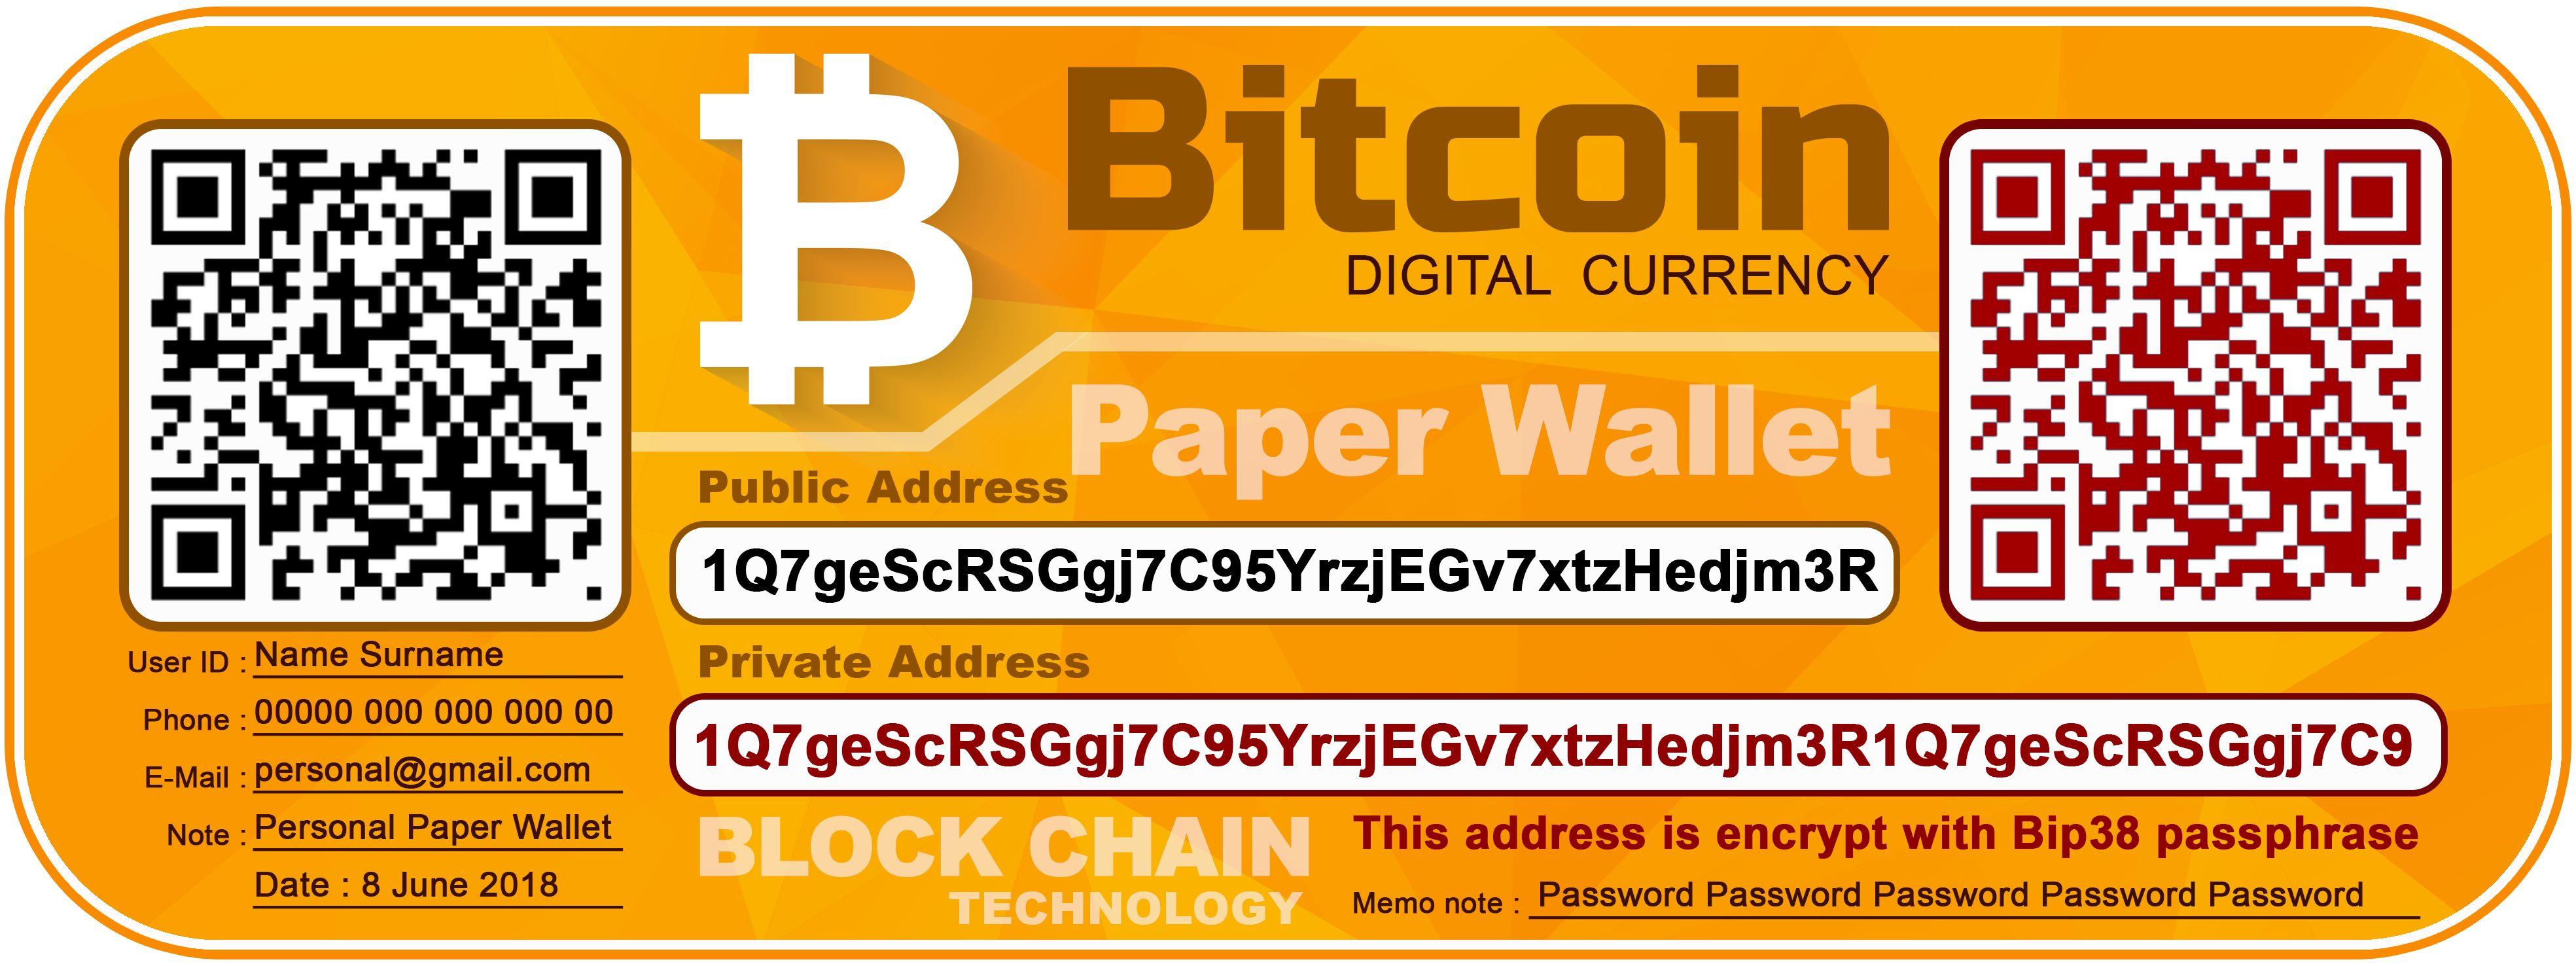 Bitcoin Paper Wallet Template Designer K Toro Bitcoin Bitcoin